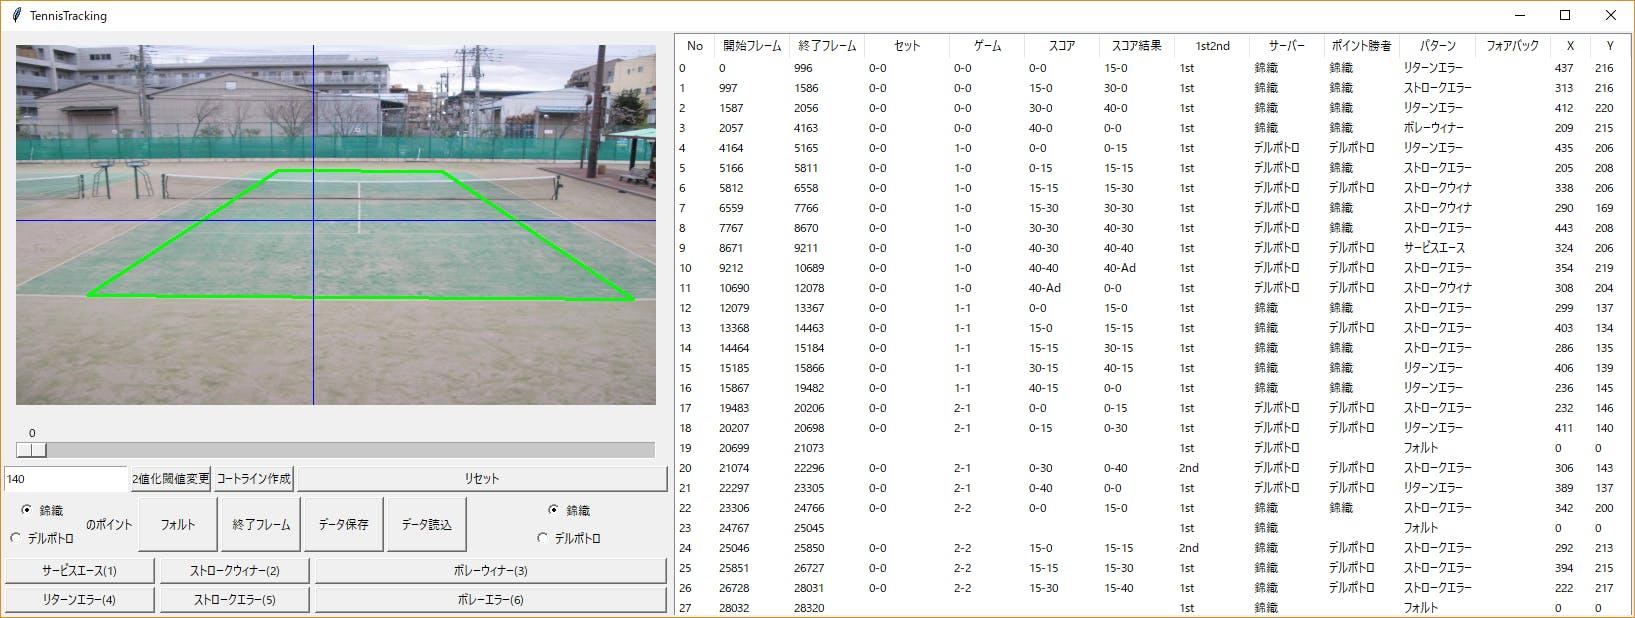 Pythonでテニスの動画解析ツールを自作してみた - Qiita